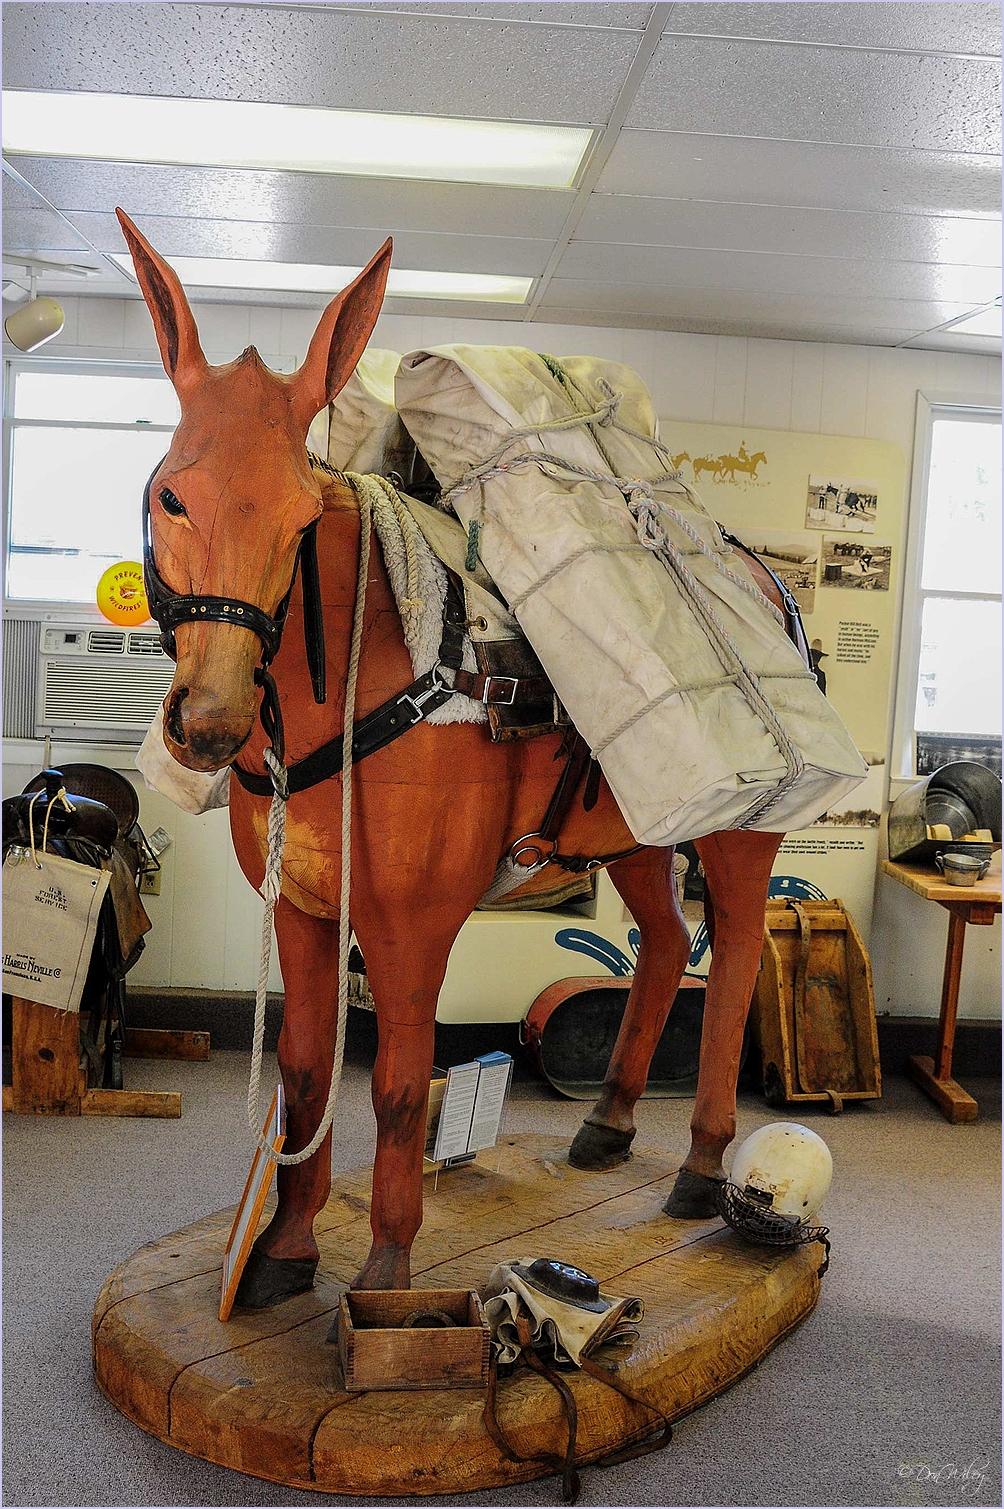 Pack Mule Display